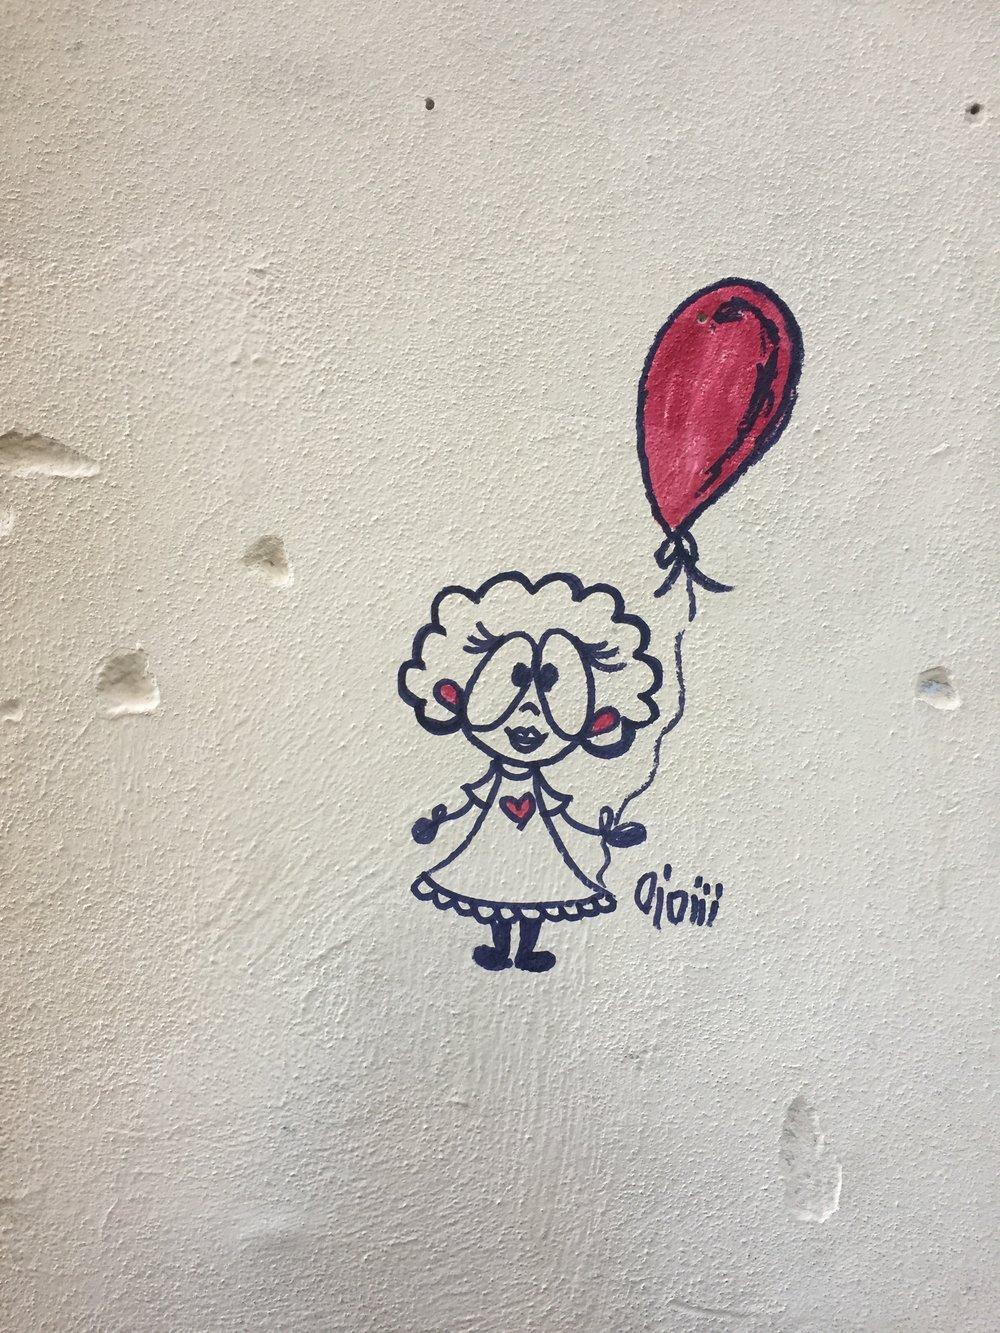 mural08.jpg